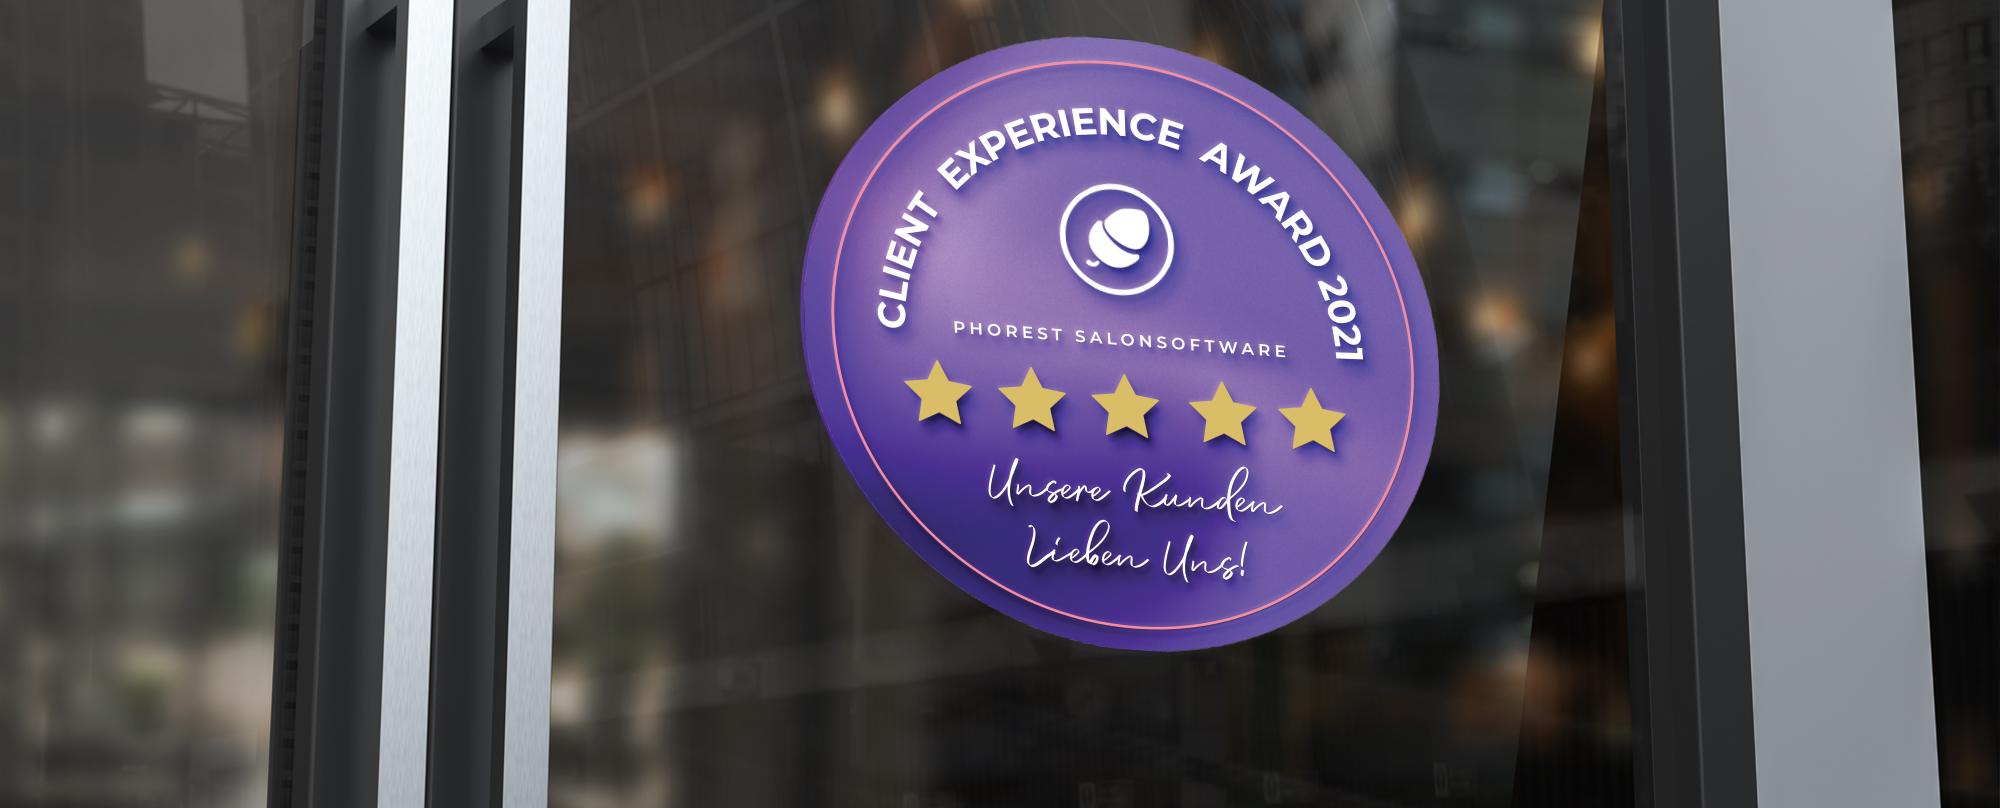 Feiere deinen Erfolg: Der Client Experience Award 2021 ist da